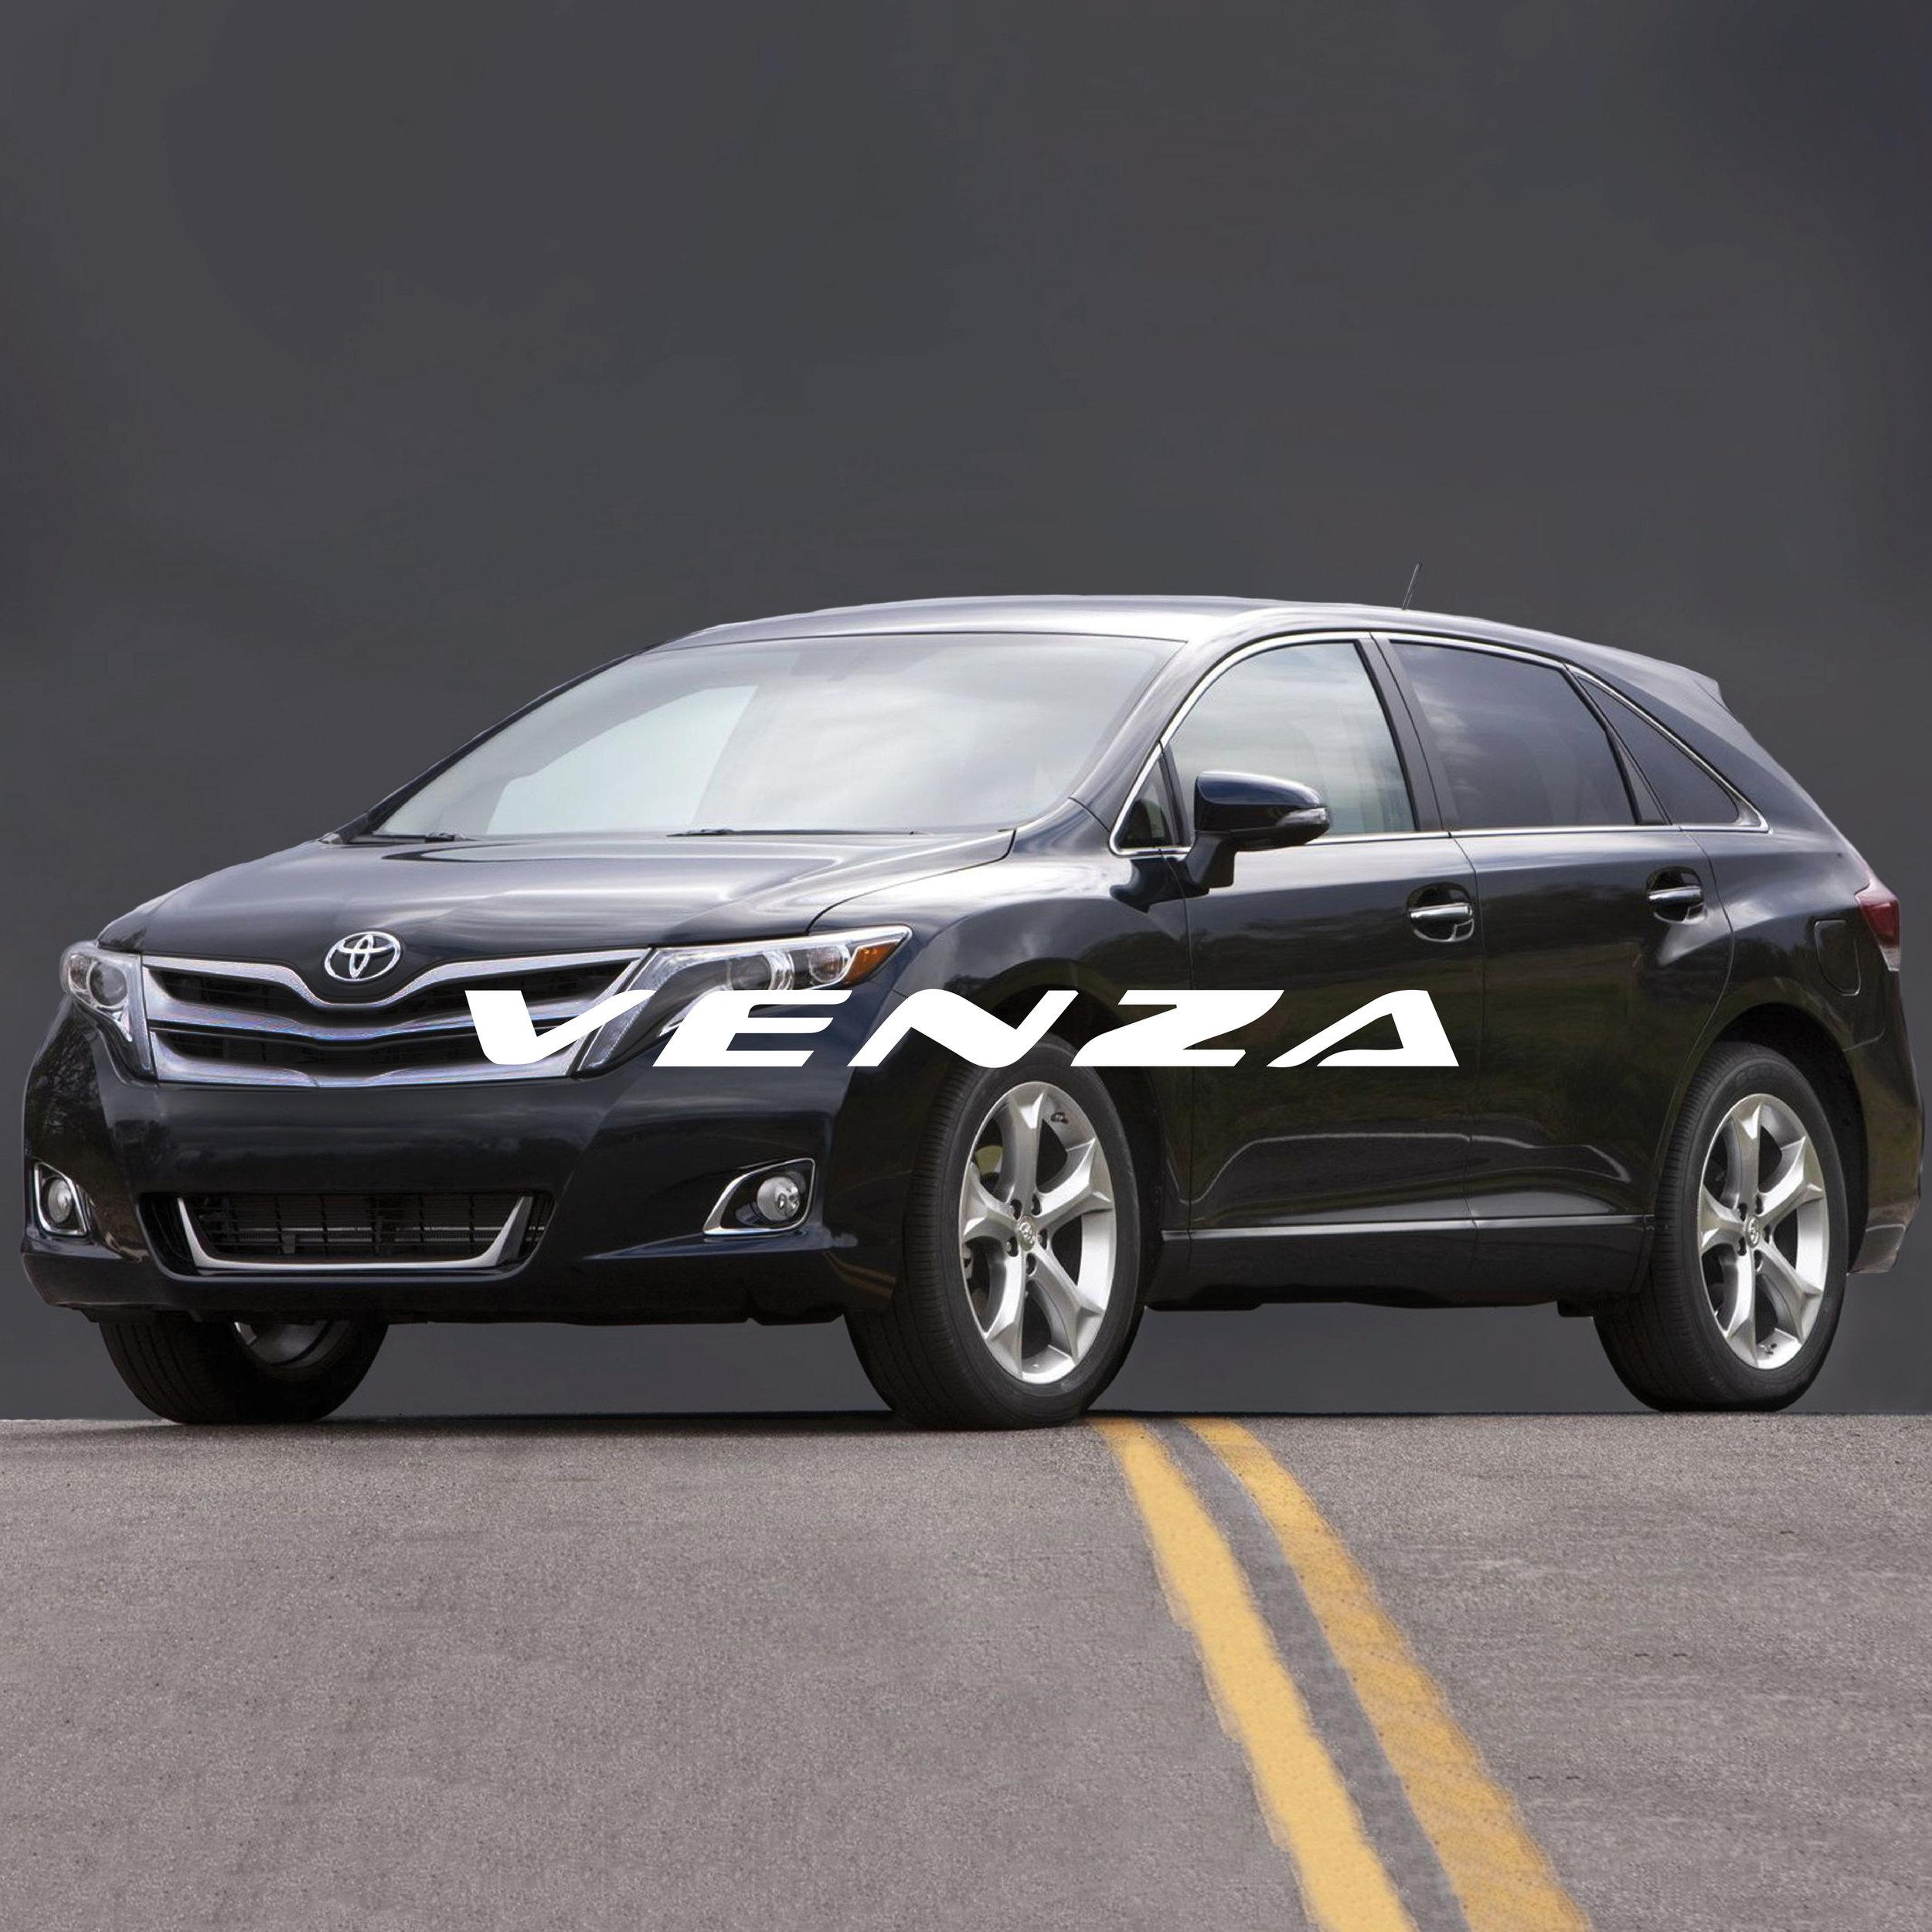 Venza (Toyota)